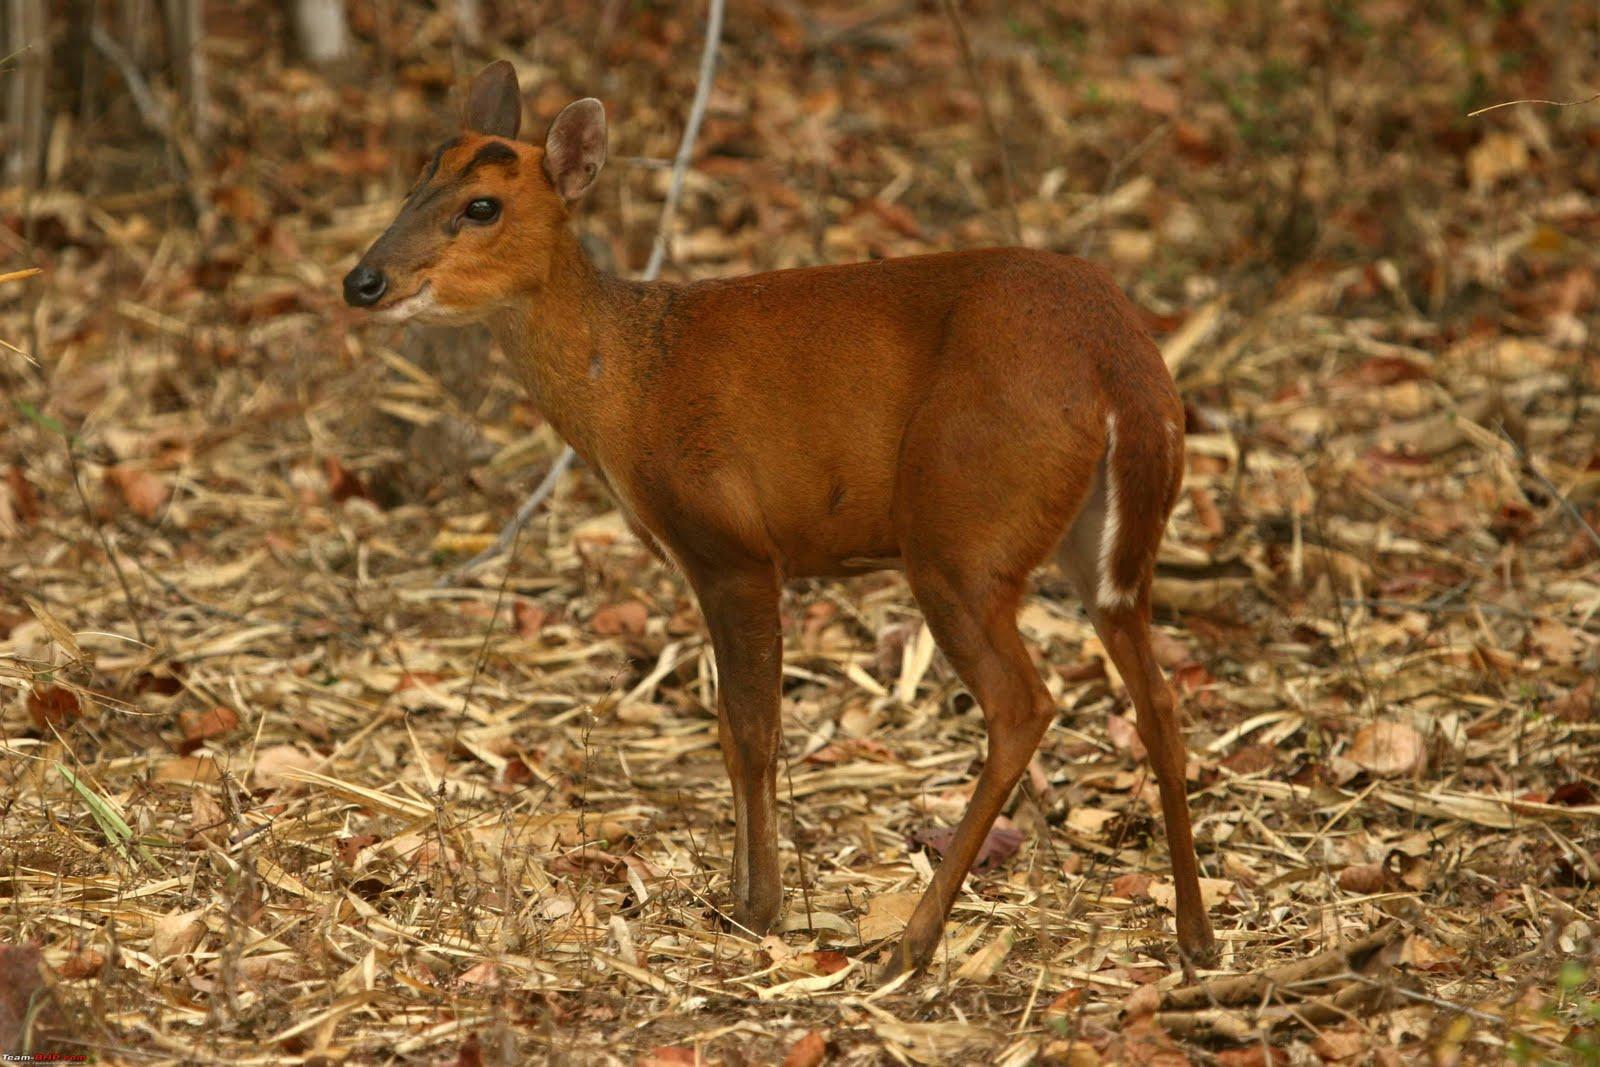 http://3.bp.blogspot.com/-jsNsh3H4CW0/Tj97QPCFf6I/AAAAAAAAAHo/XWmRW-cO_dM/s1600/Barking%20Deer_Maharashtra_India.jpg